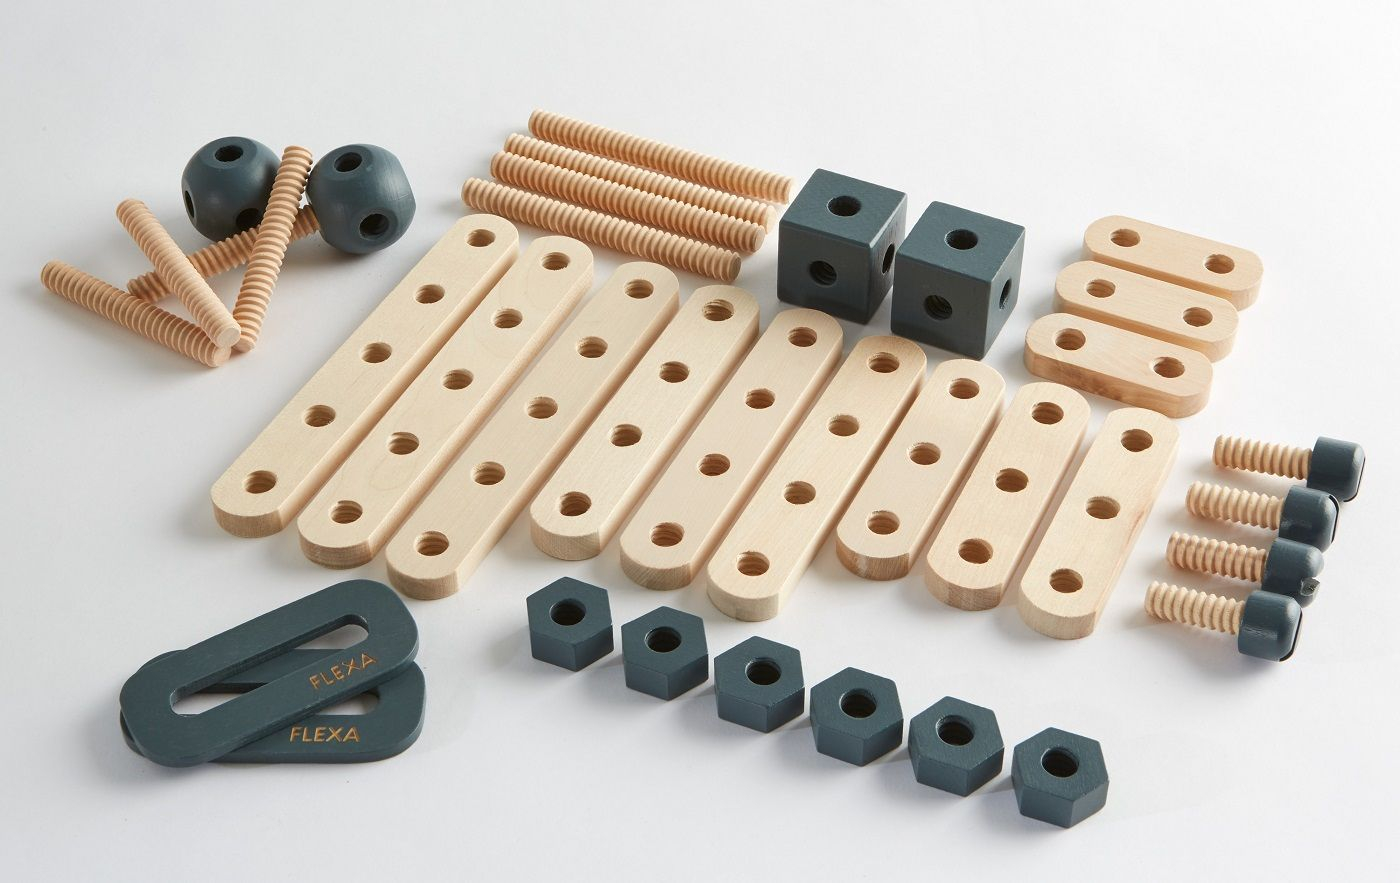 FLEXA Toys - Byggesæt